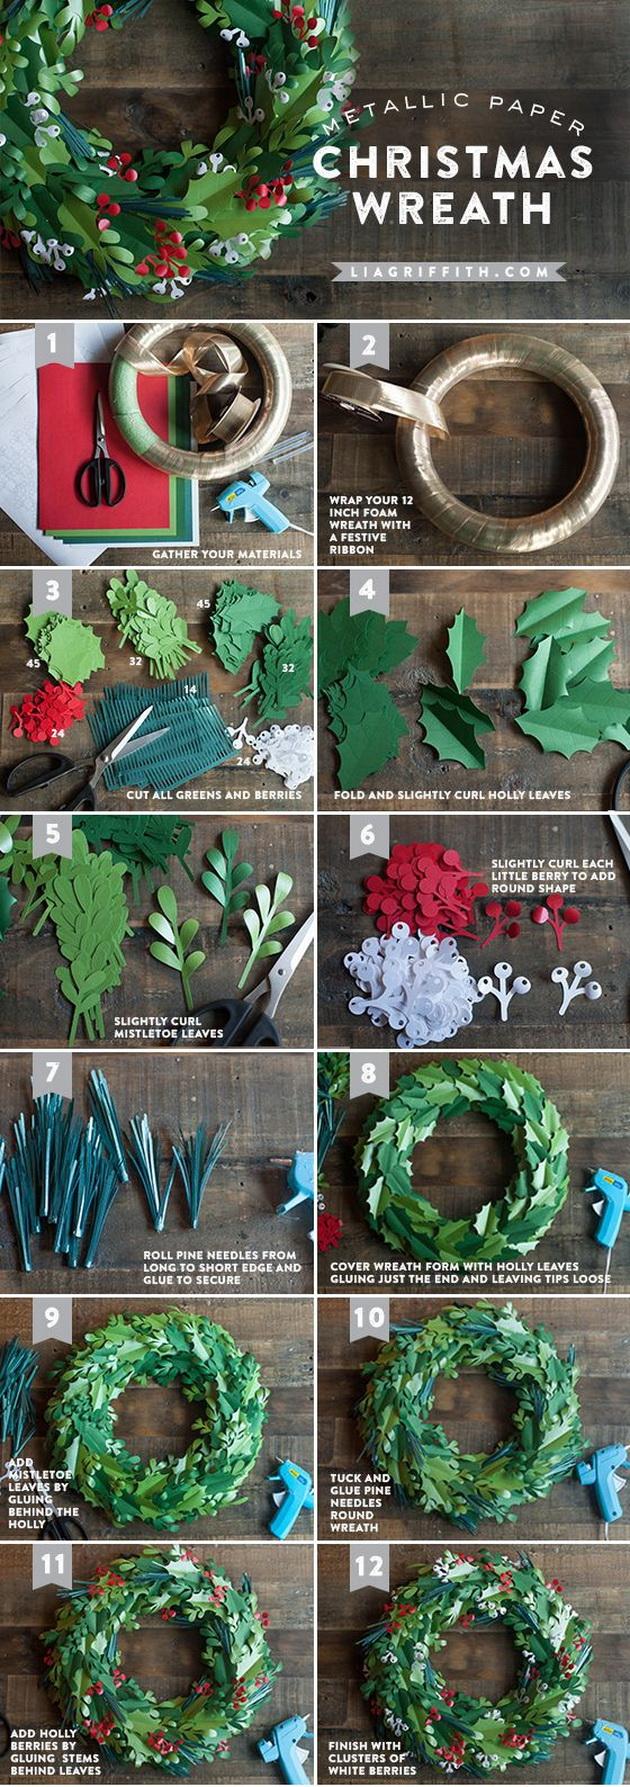 DIY-Christmas-Project-14-Incredible-Christmas-Wreaths-2